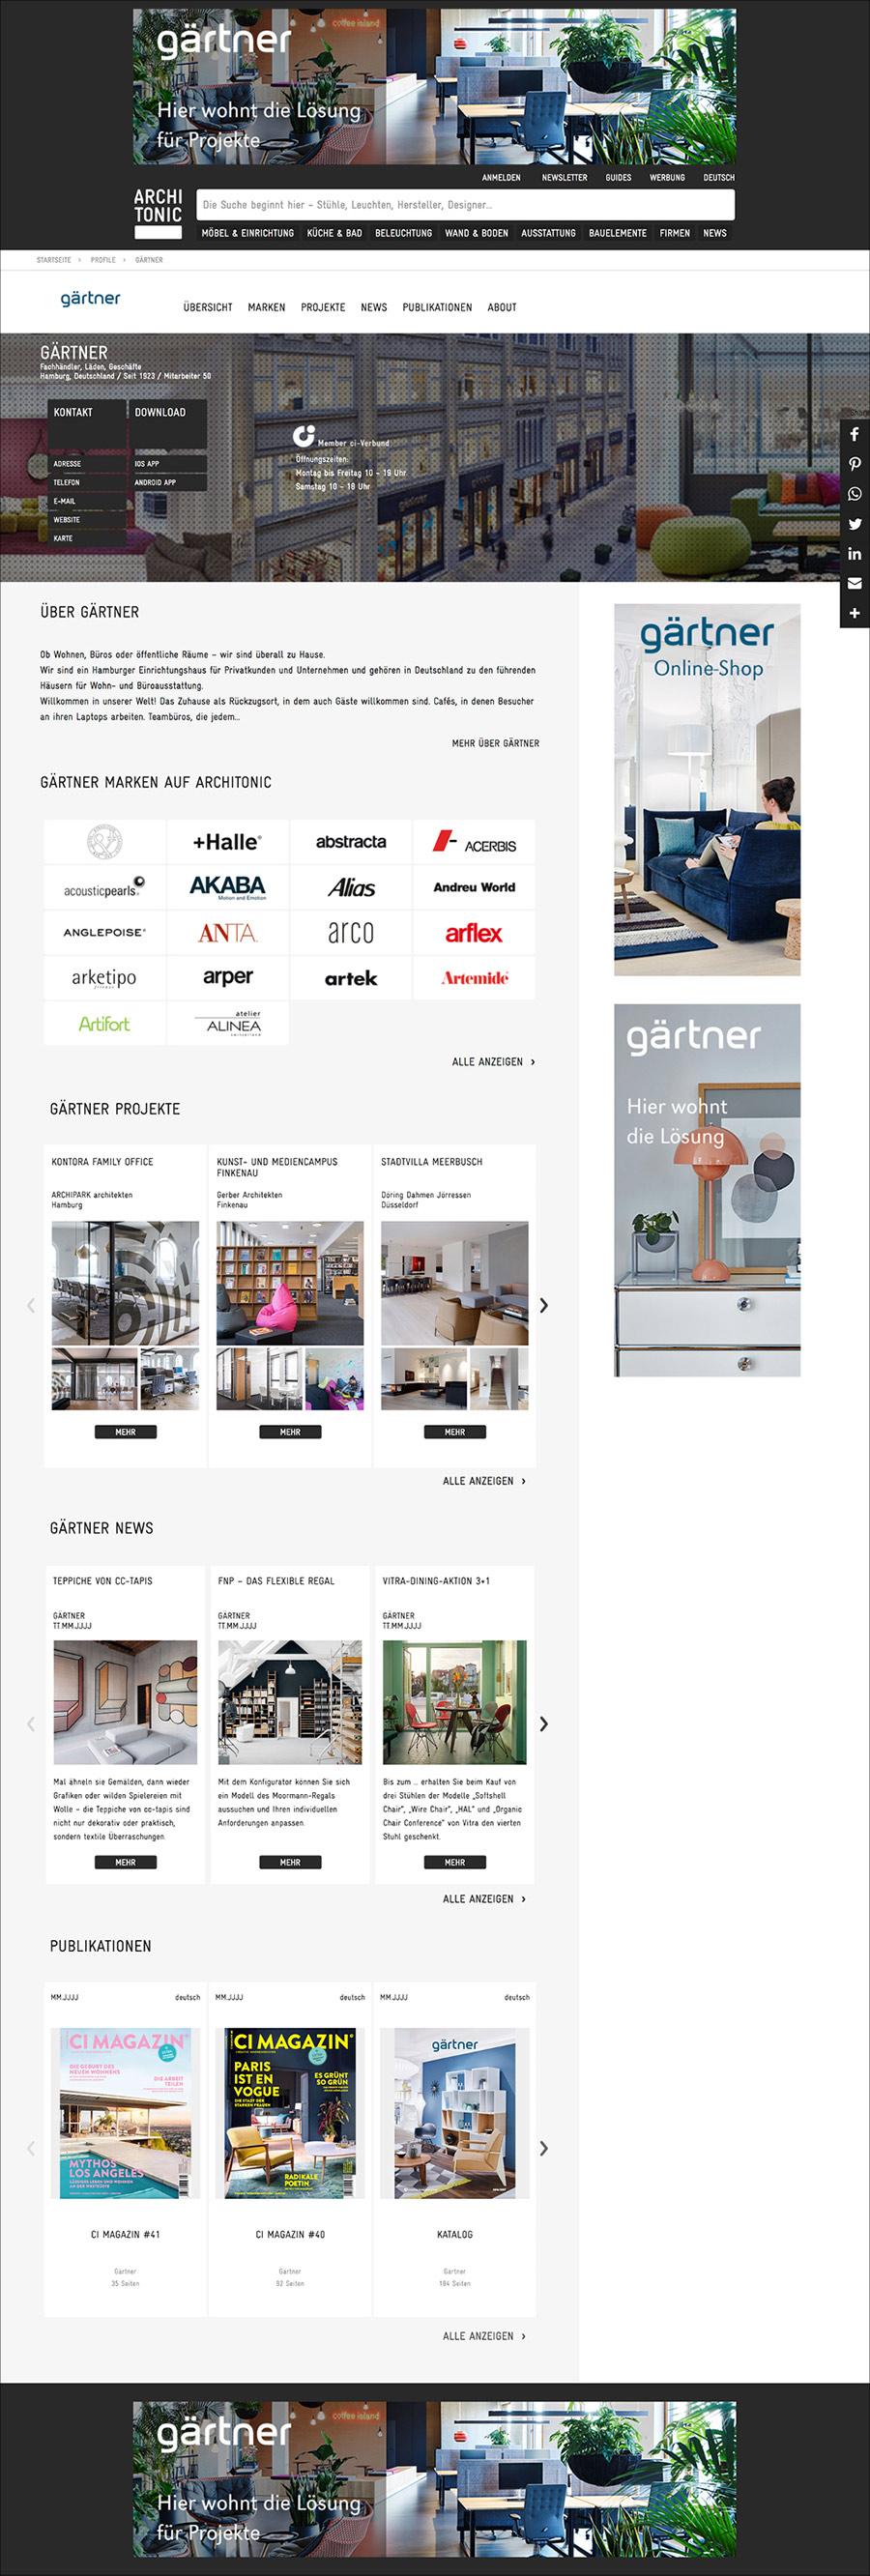 retailers_membership_microsite_de.jpg